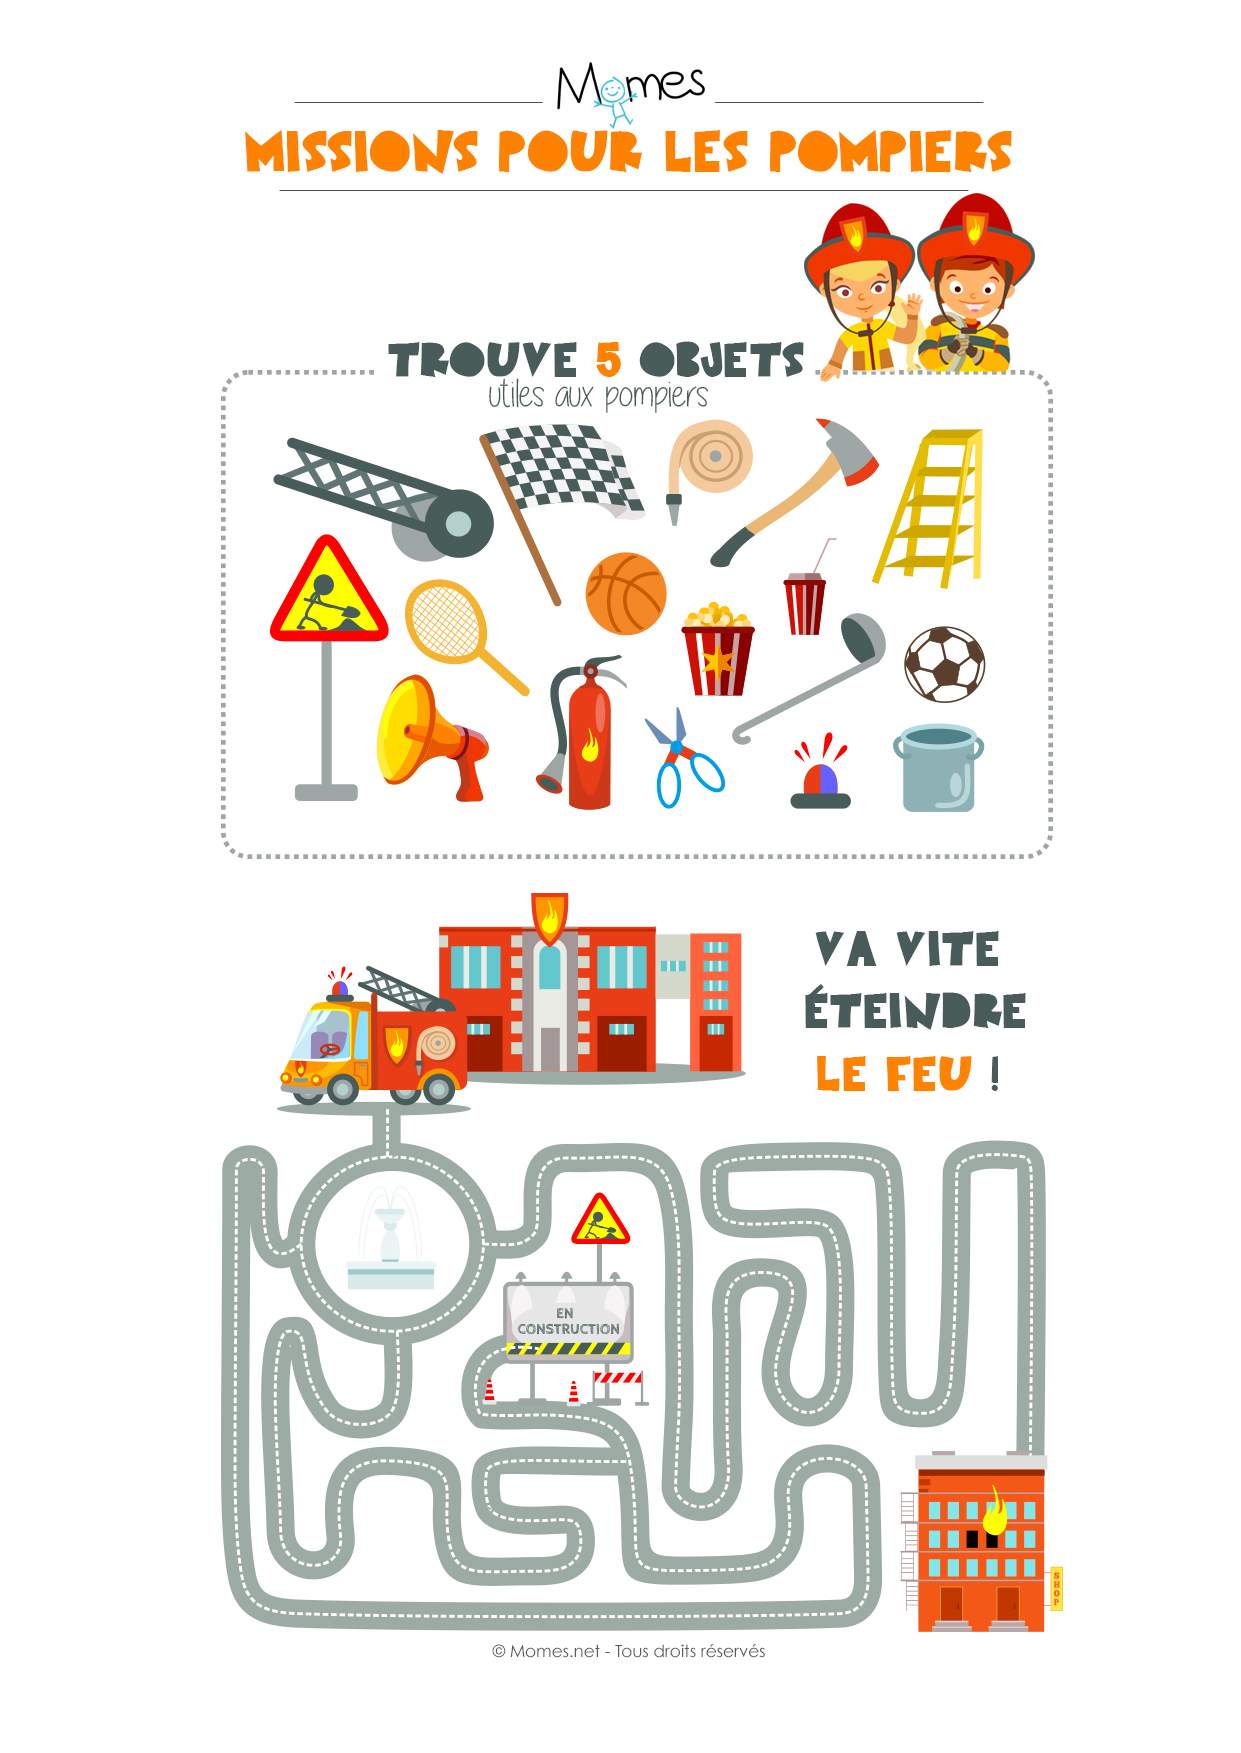 2 Missions Pour Les Pompiers - Momes destiné Jeux Educatif 4 Ans A Imprimer